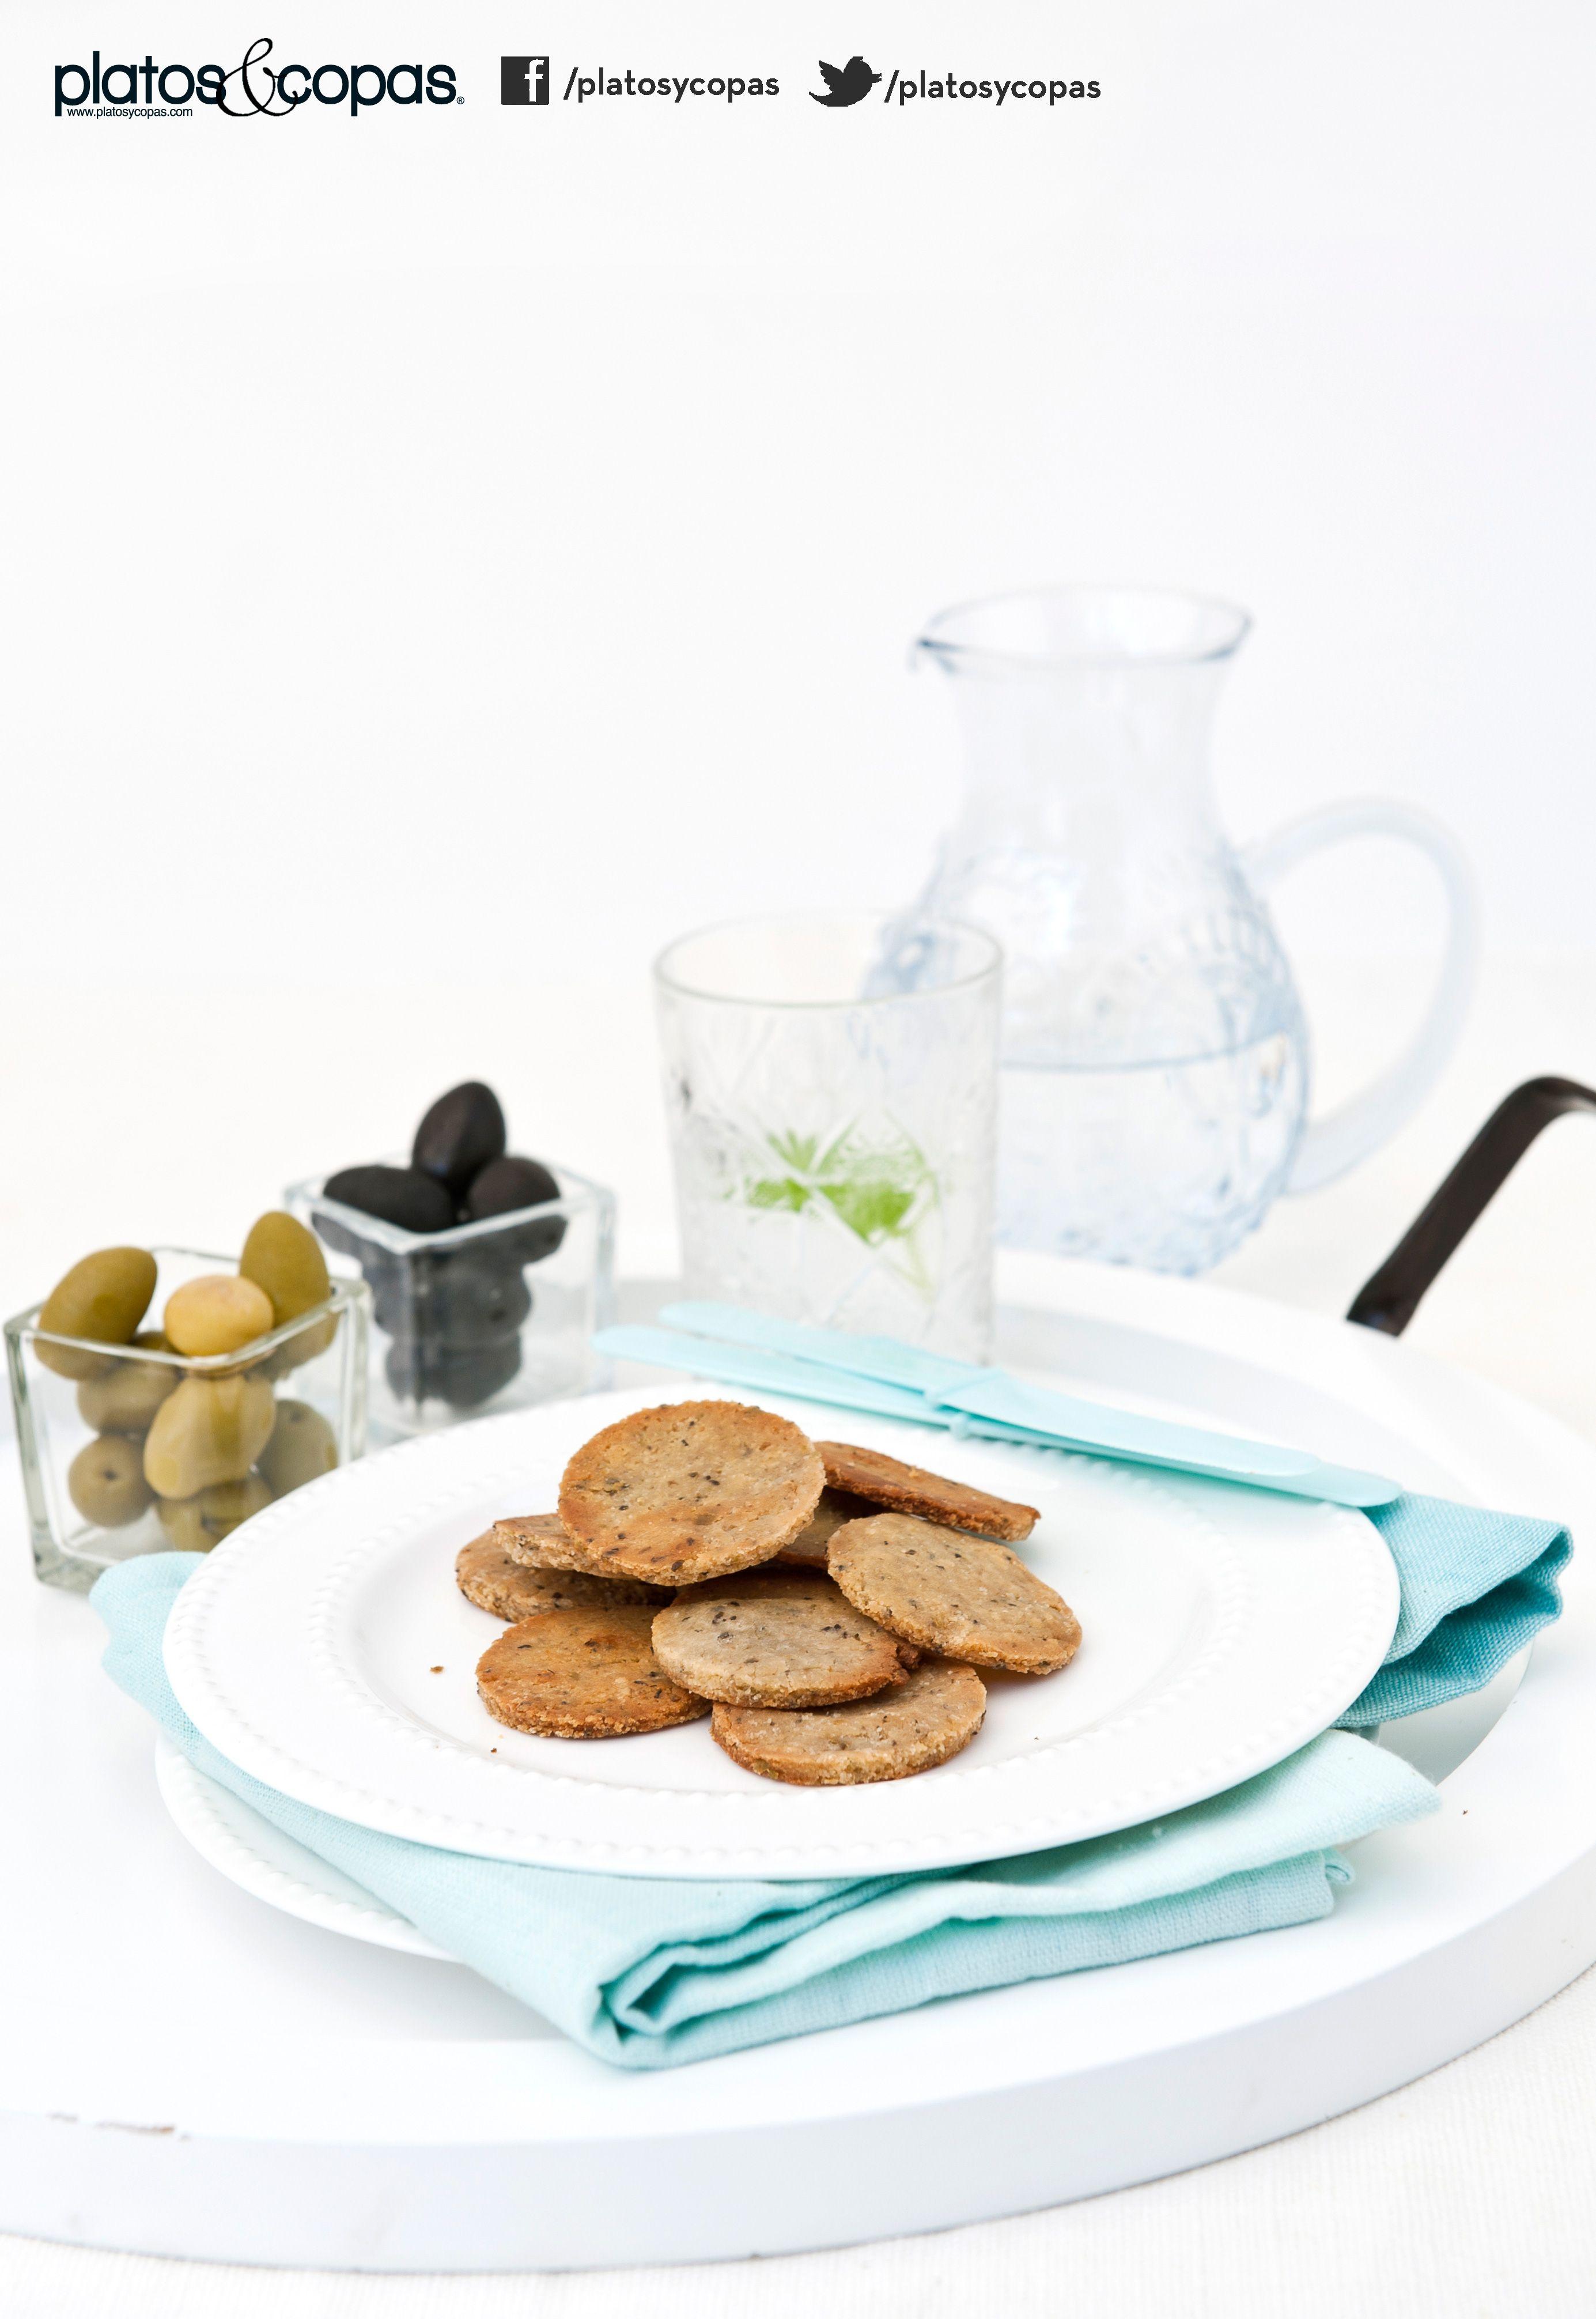 Revista PlatosyCopas // Galletitas para untar de miga con aceitunas verdes y negras